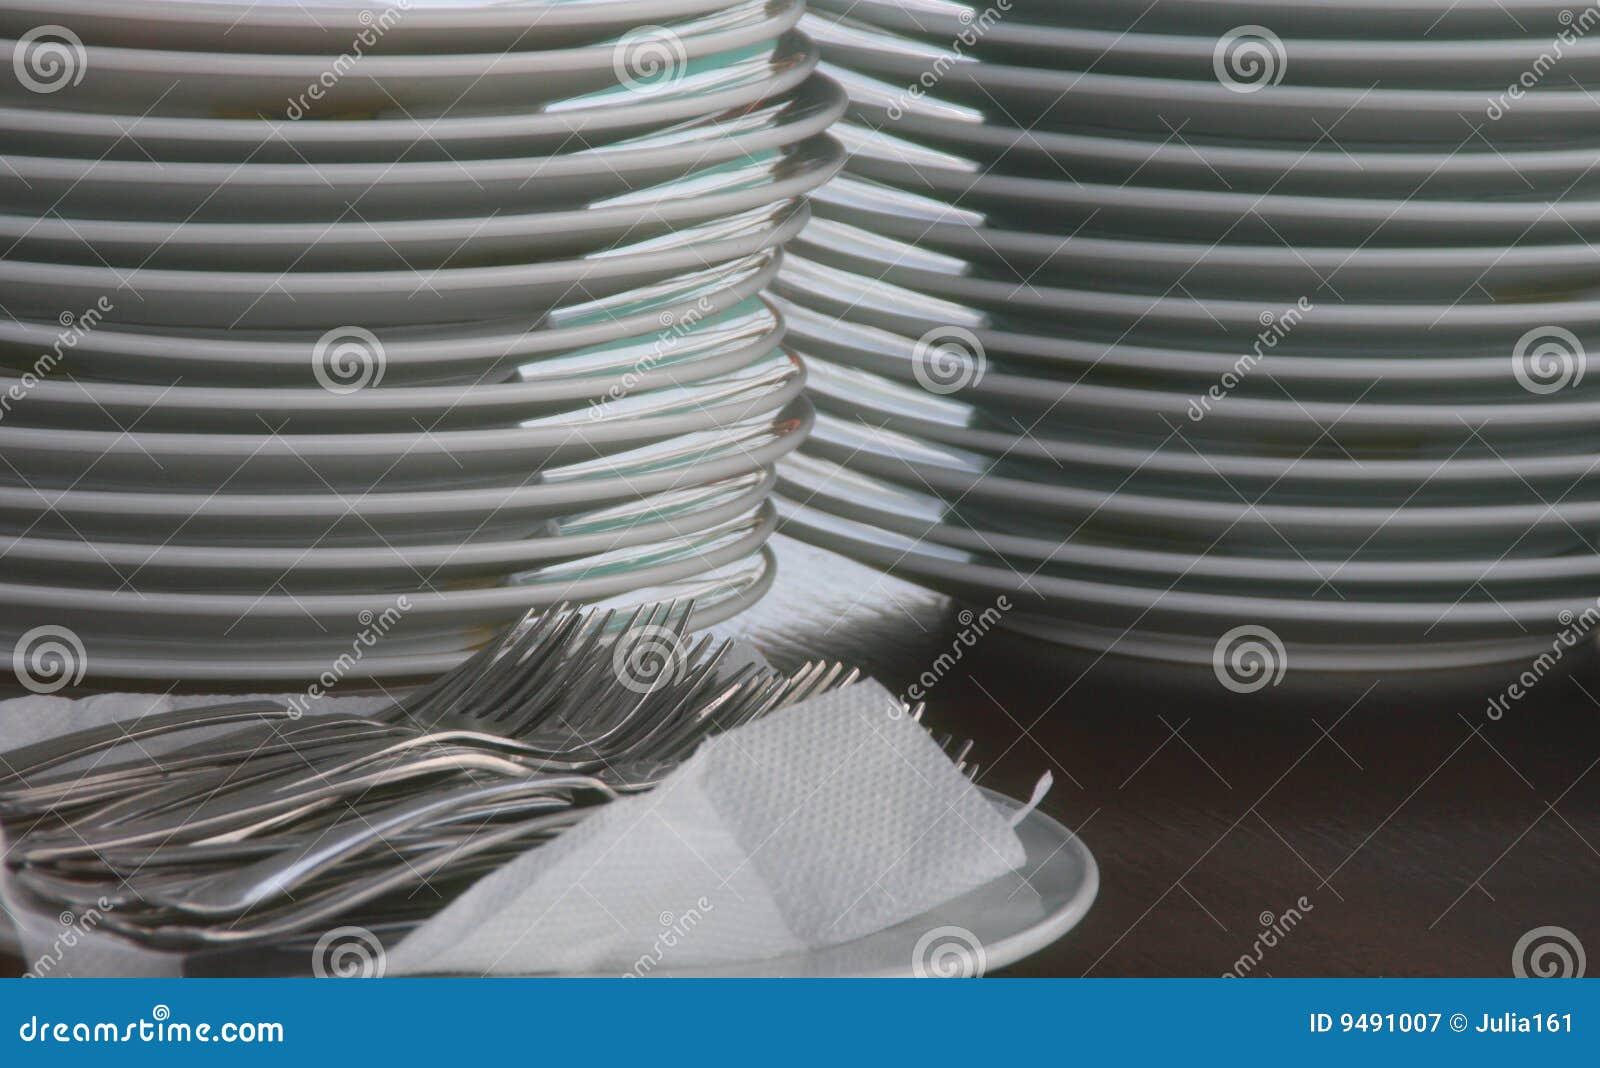 очистьте плиты вилок